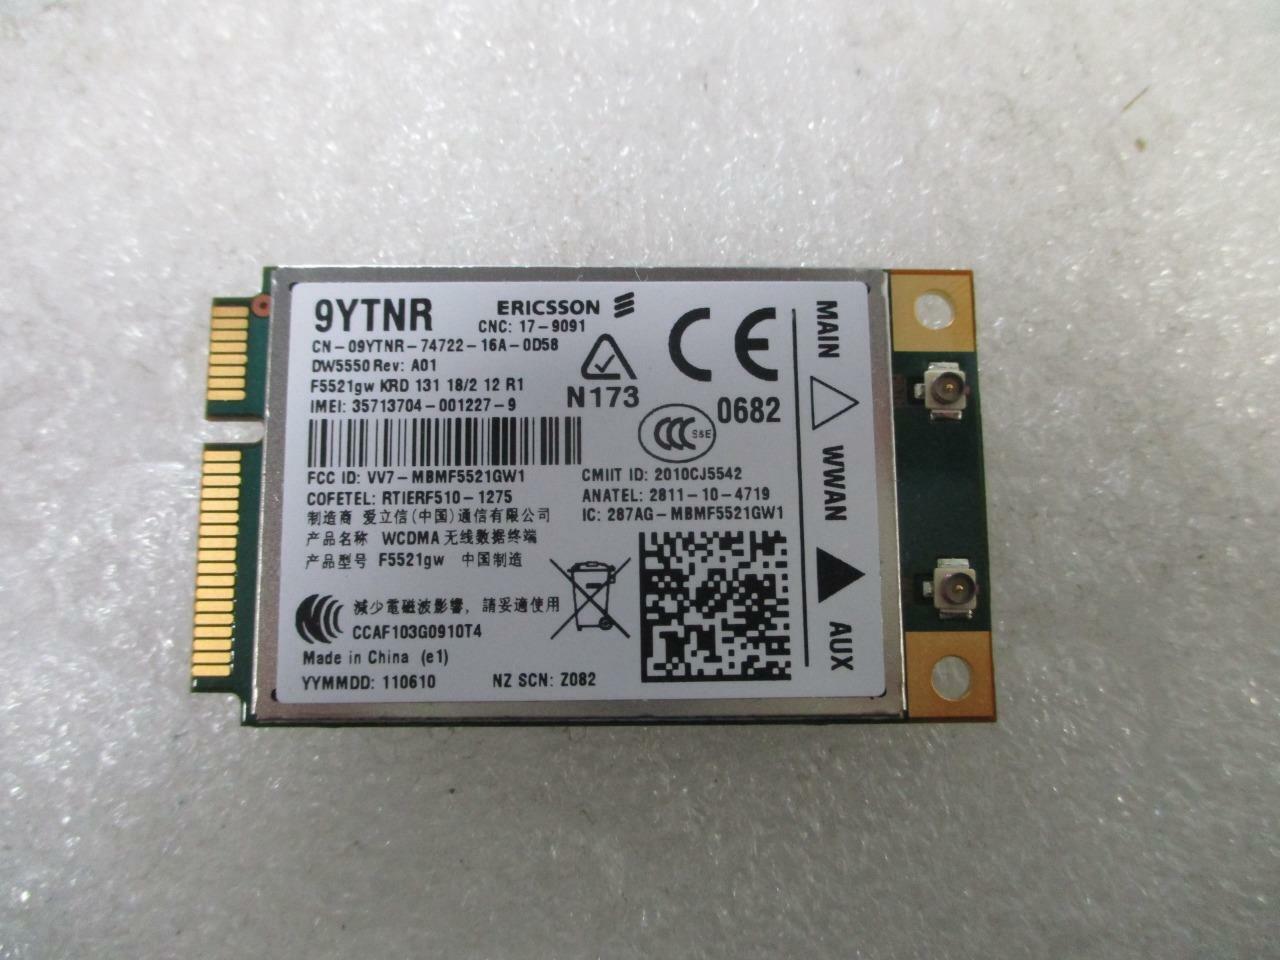 *NEW* Dell 5550 DW5550 WWAN Mobile Broadband Ericsson WIFI Card 09YTNR 9YTNR